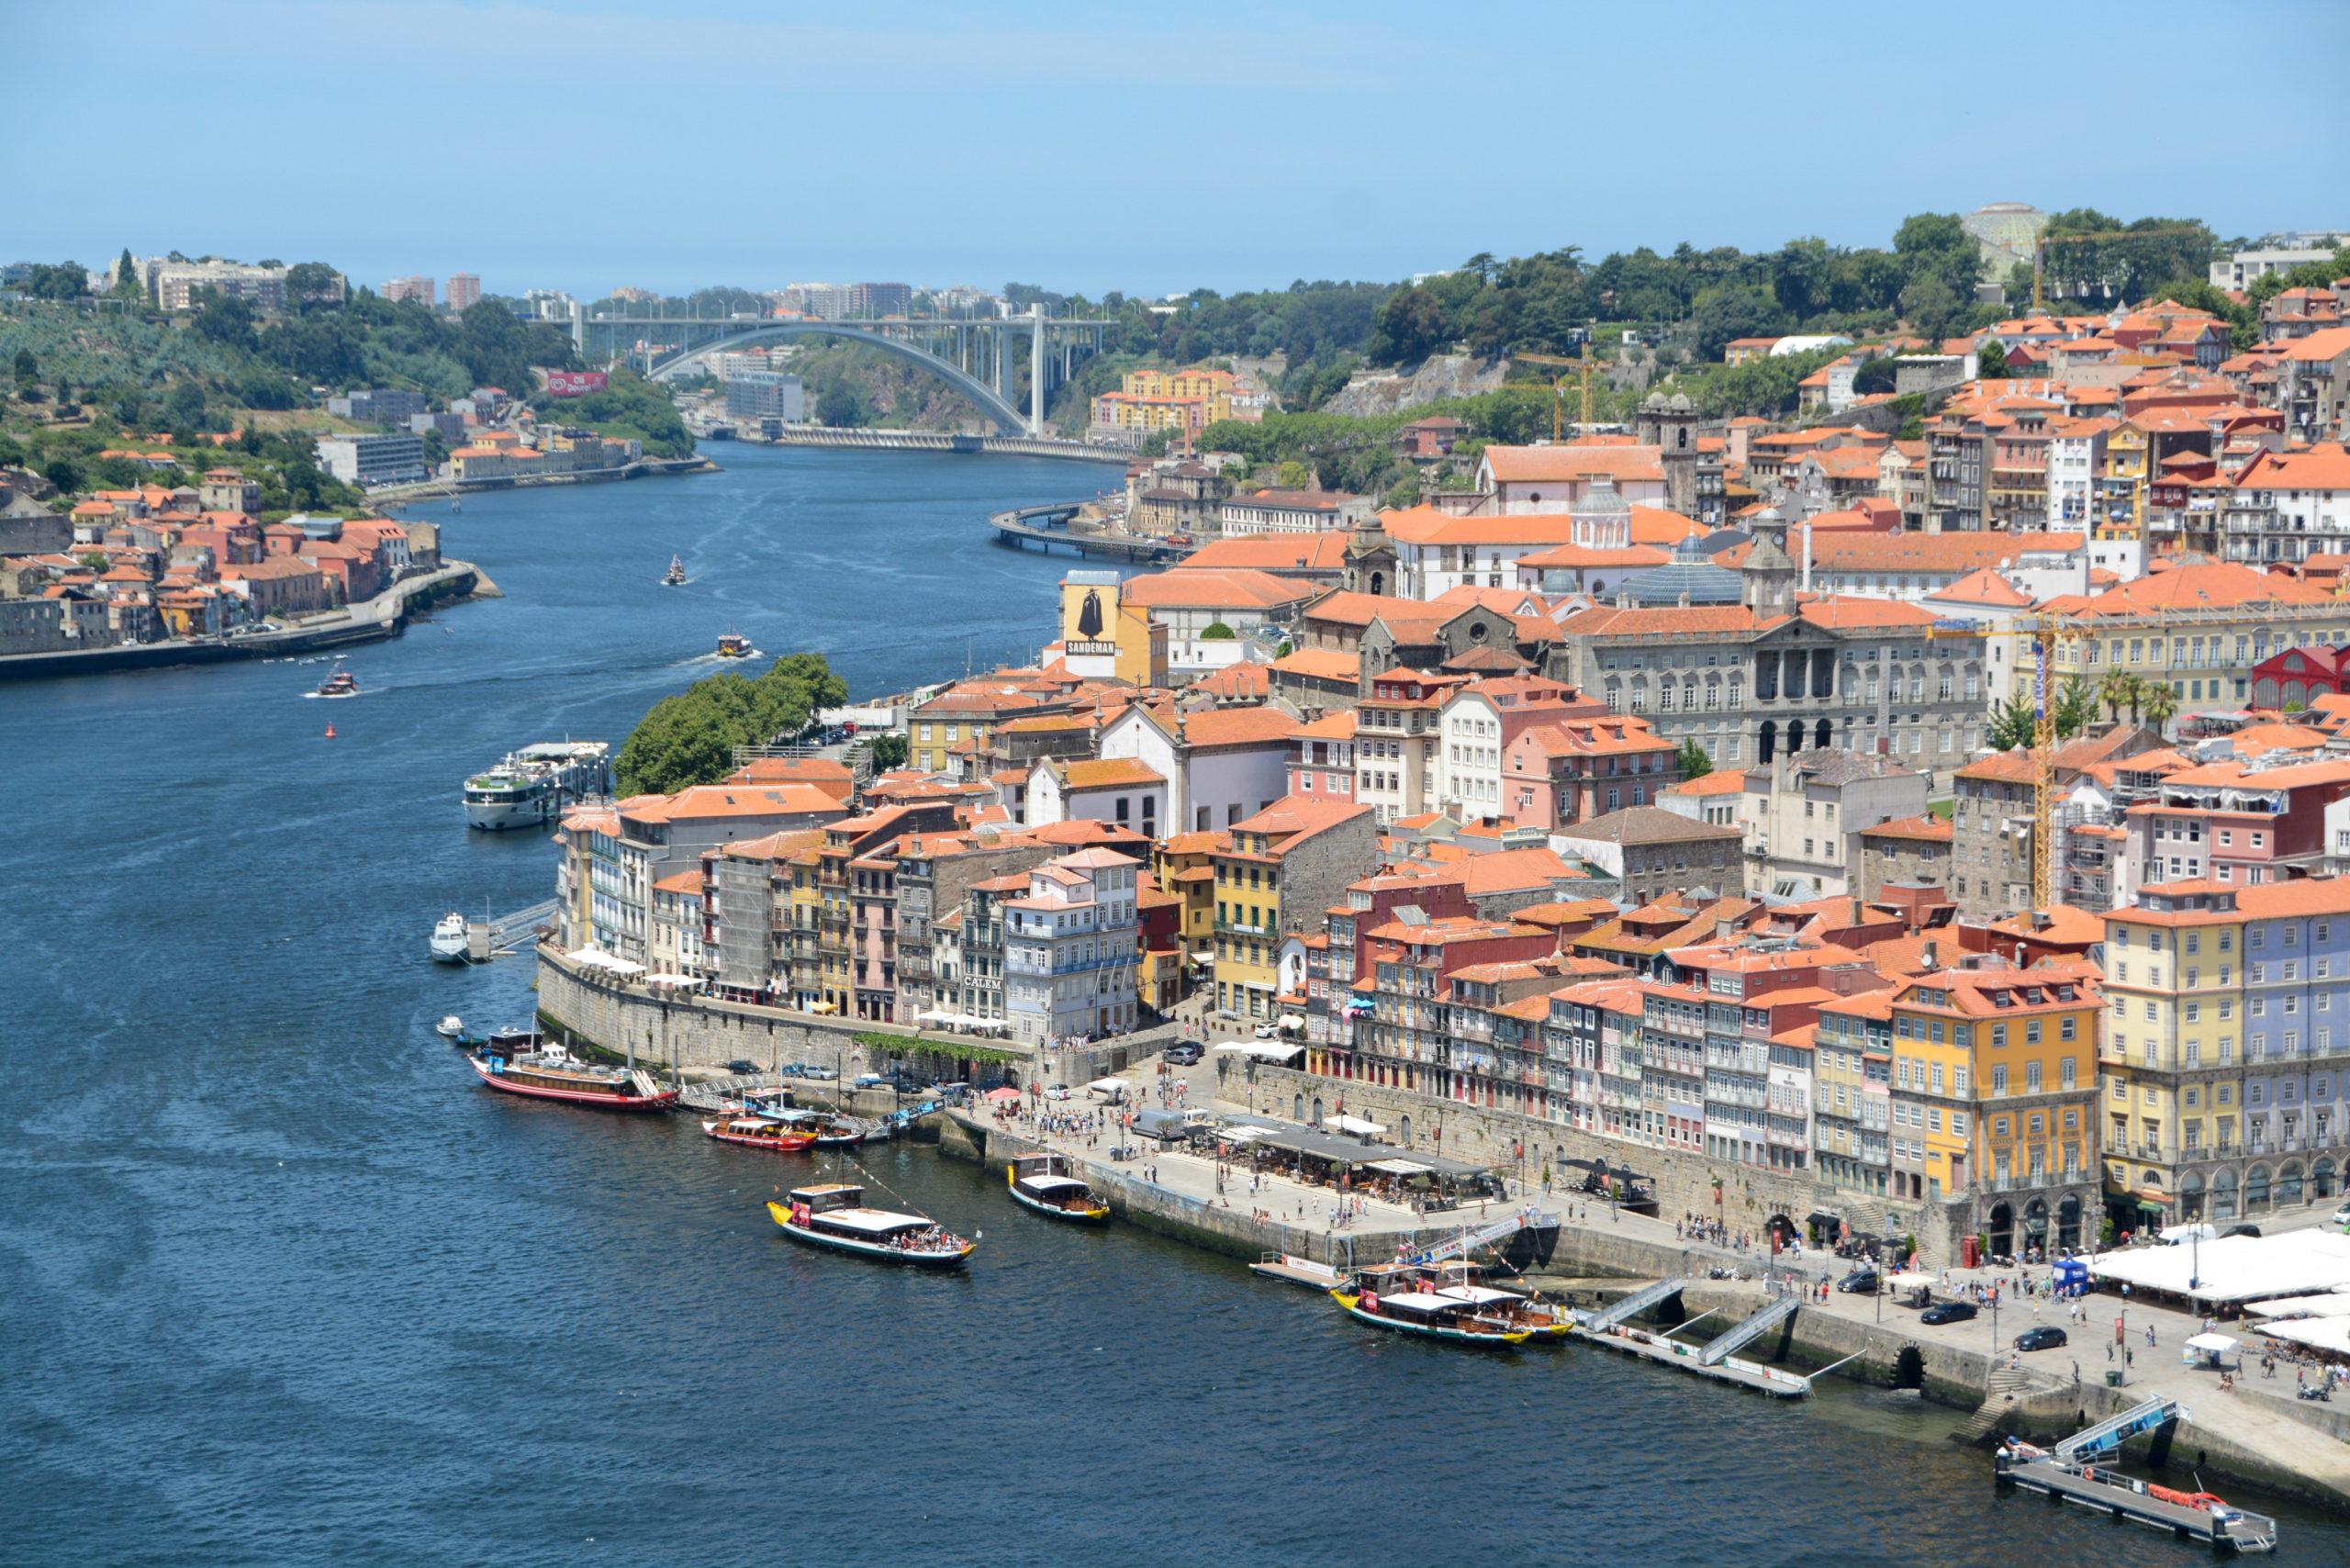 Cloesup von Kloster auf den Douro, die Altstadt von Porto und die Ponte Dom Luis I.